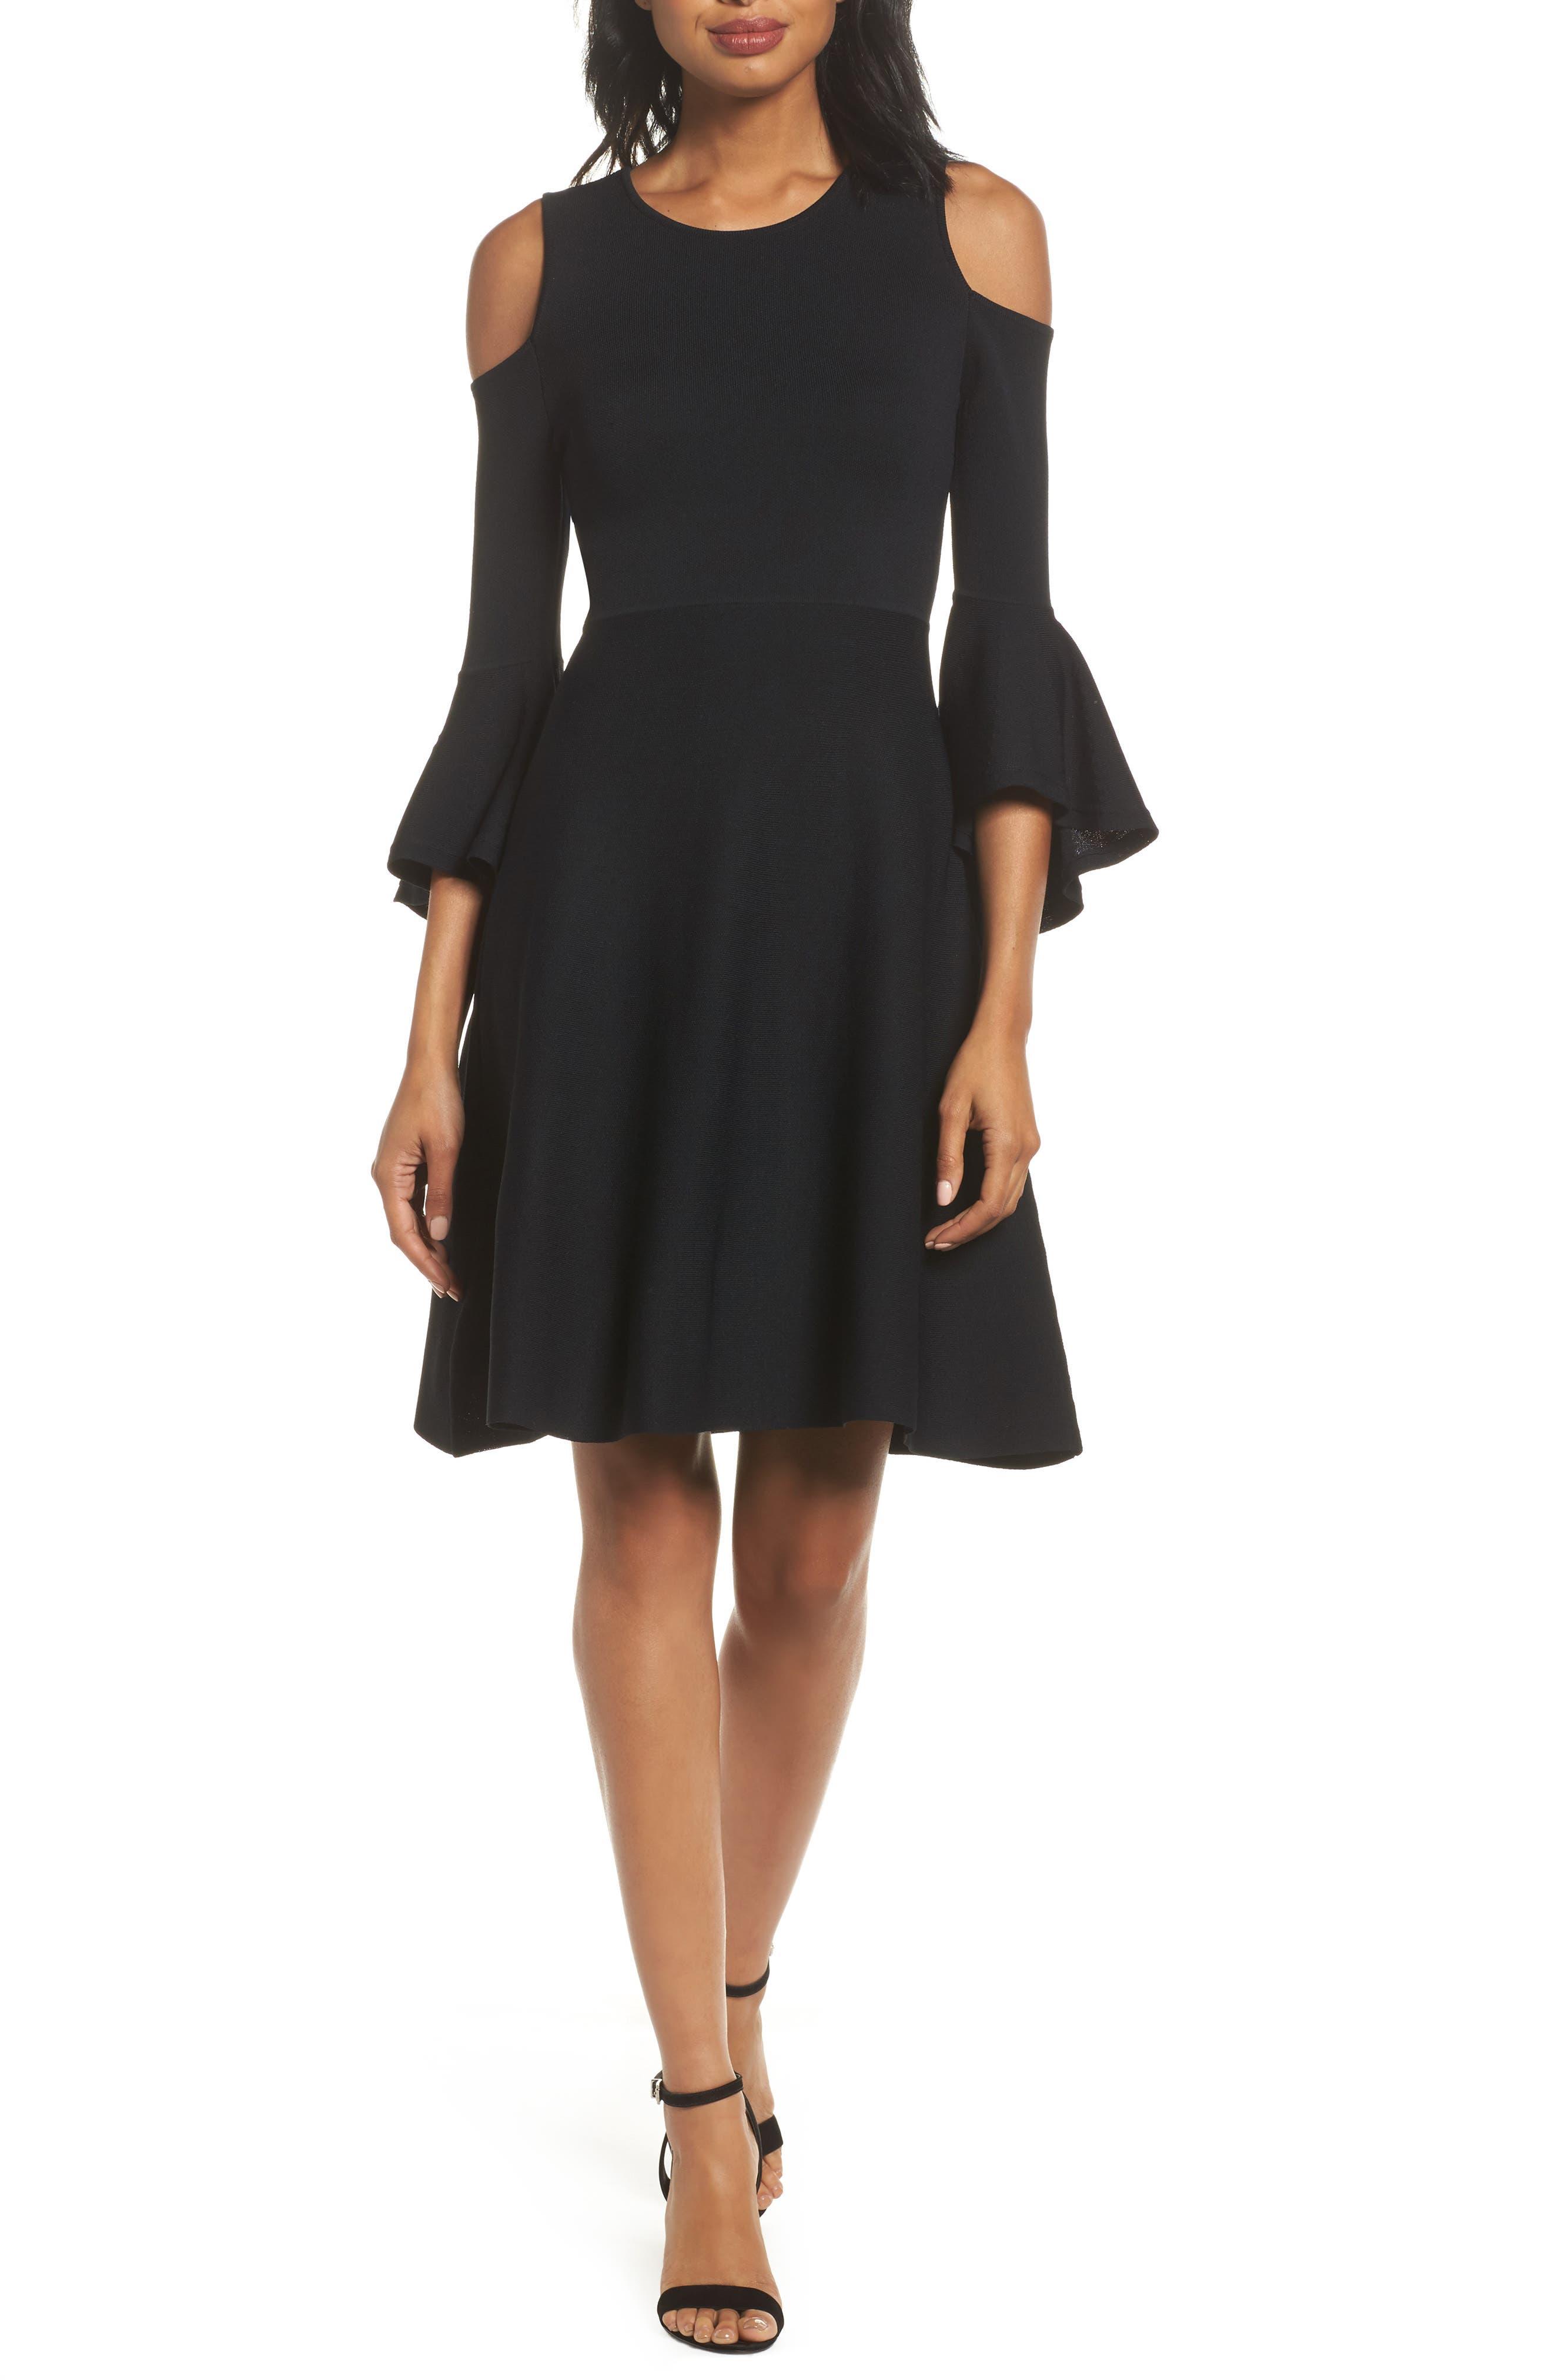 Alternate Image 1 Selected - Eliza J Cold Shoulder Fit & Flare Dress